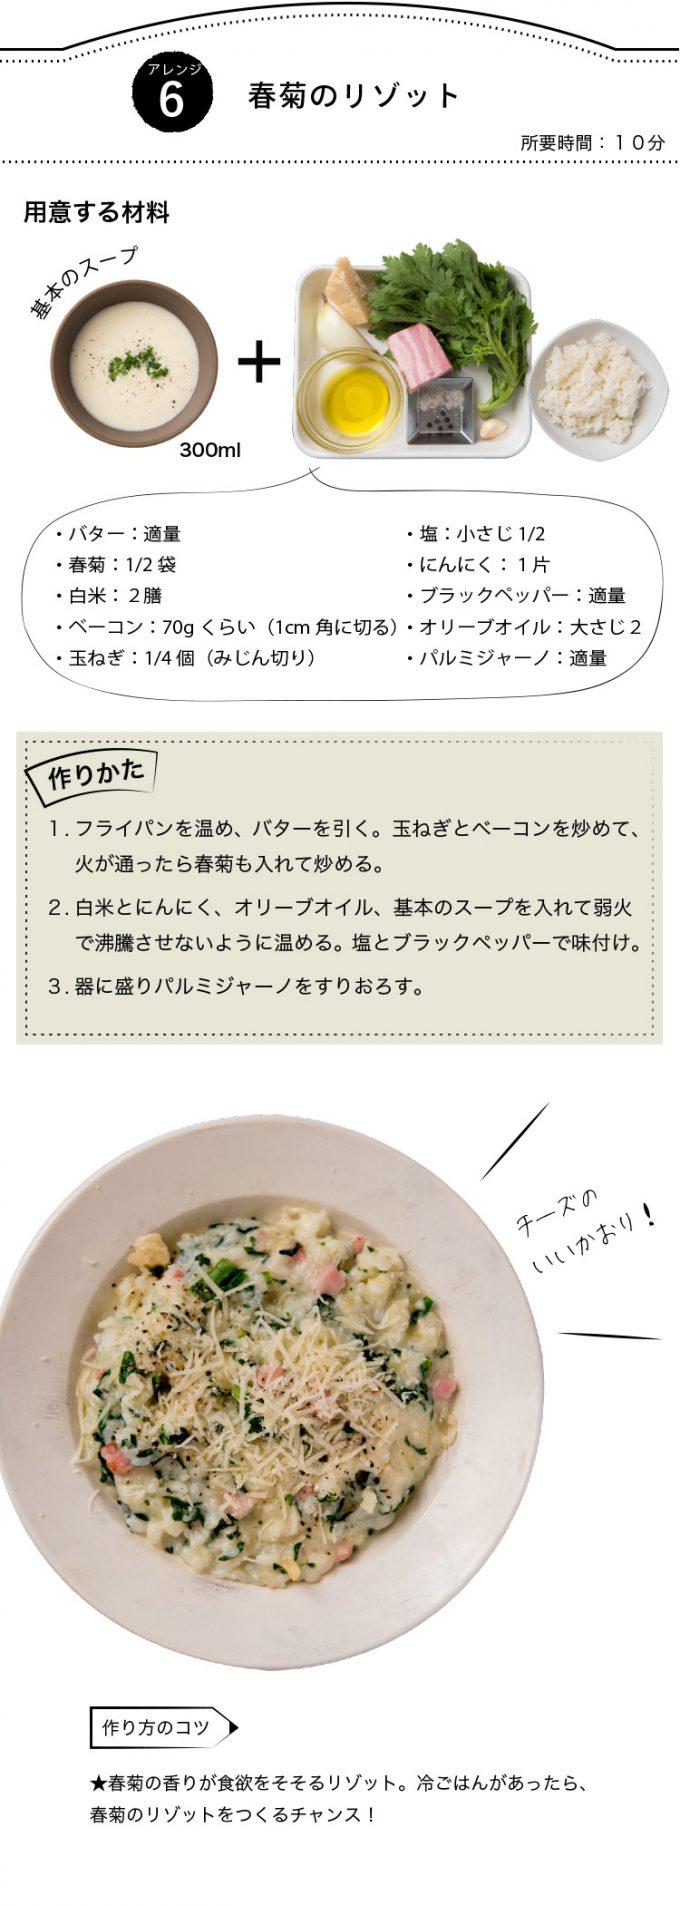 アレンジスープ【しゅんじく】レシピ